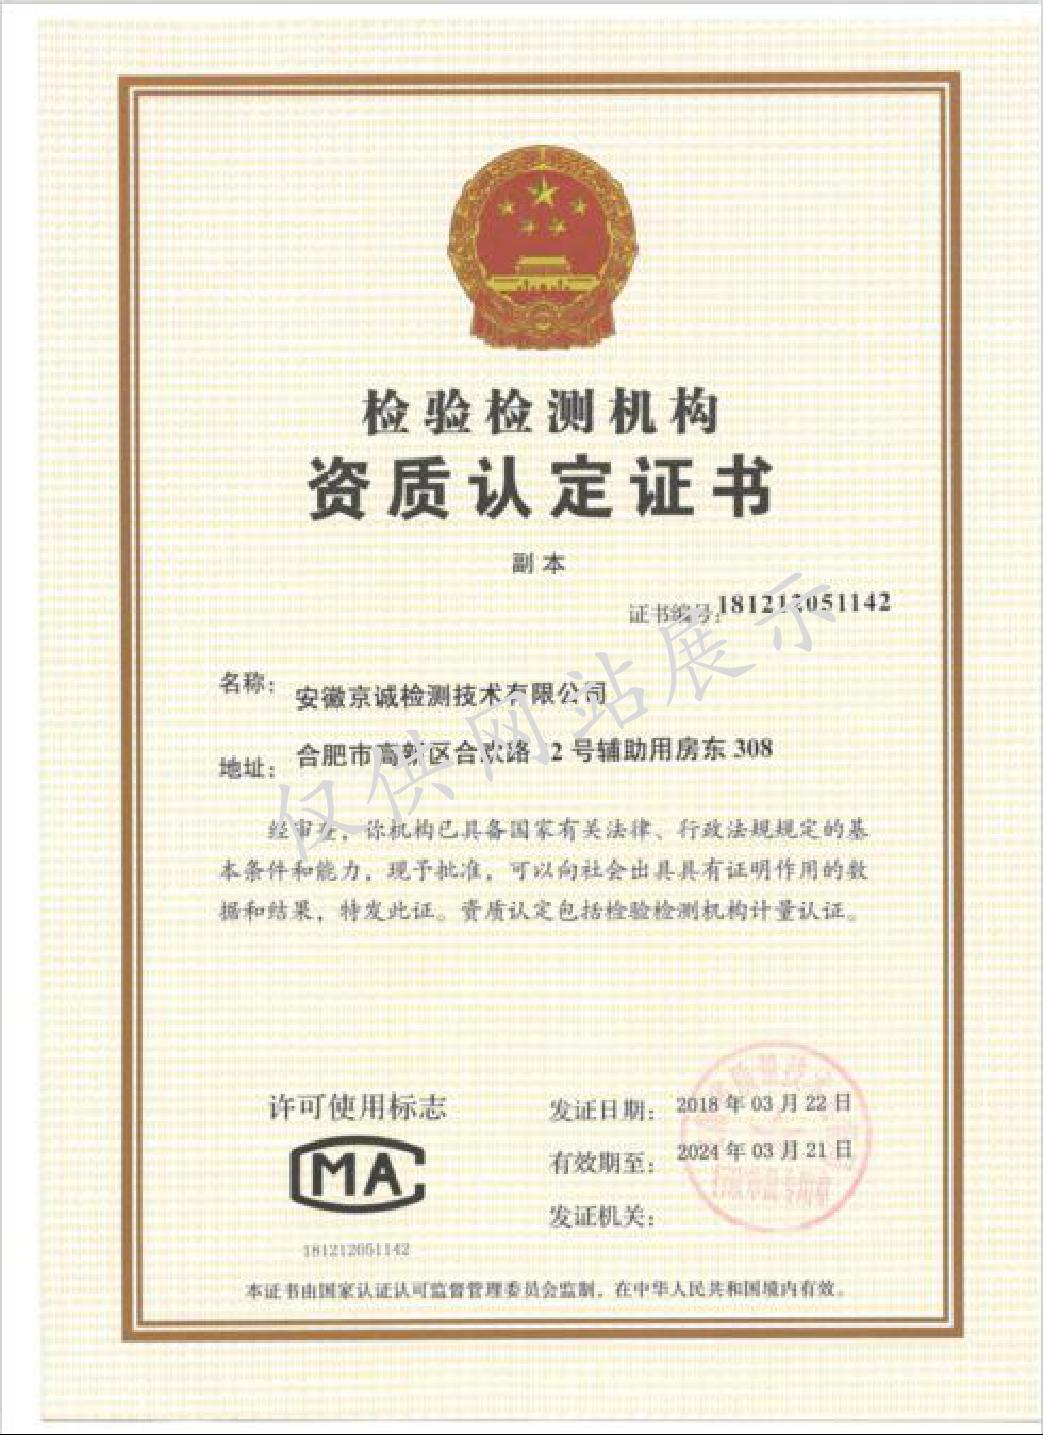 CMA证书-安徽